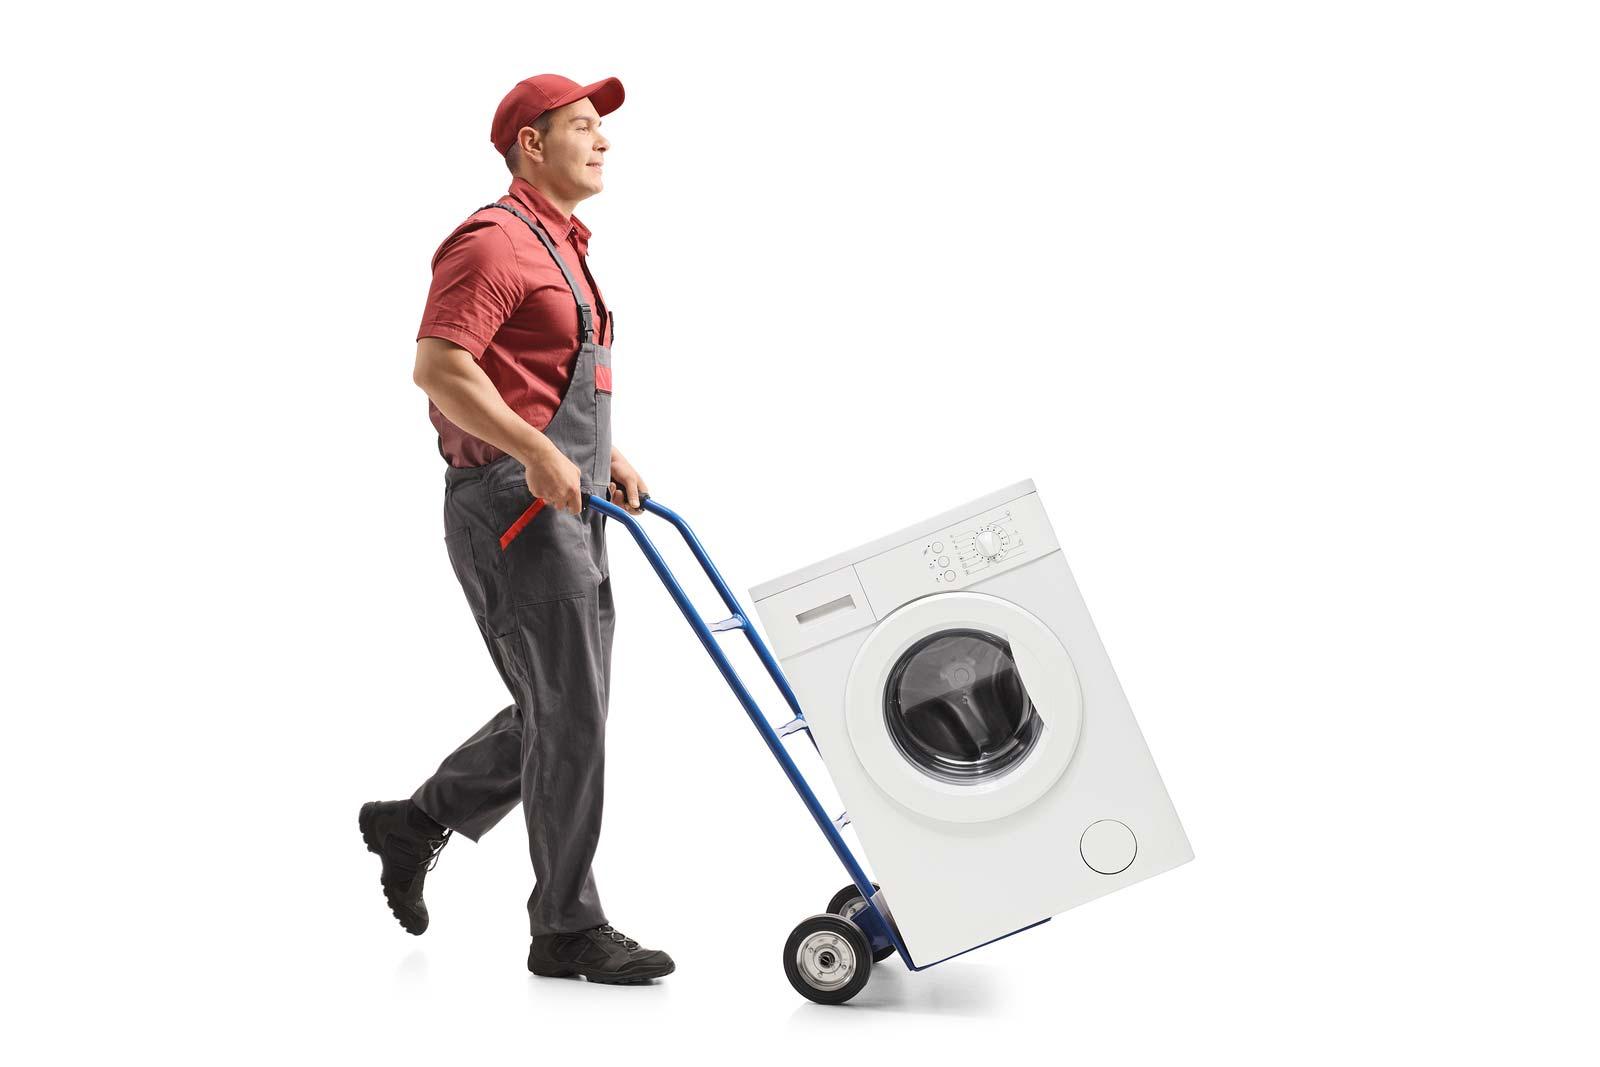 Hombre transporta lavadora en una carretilla